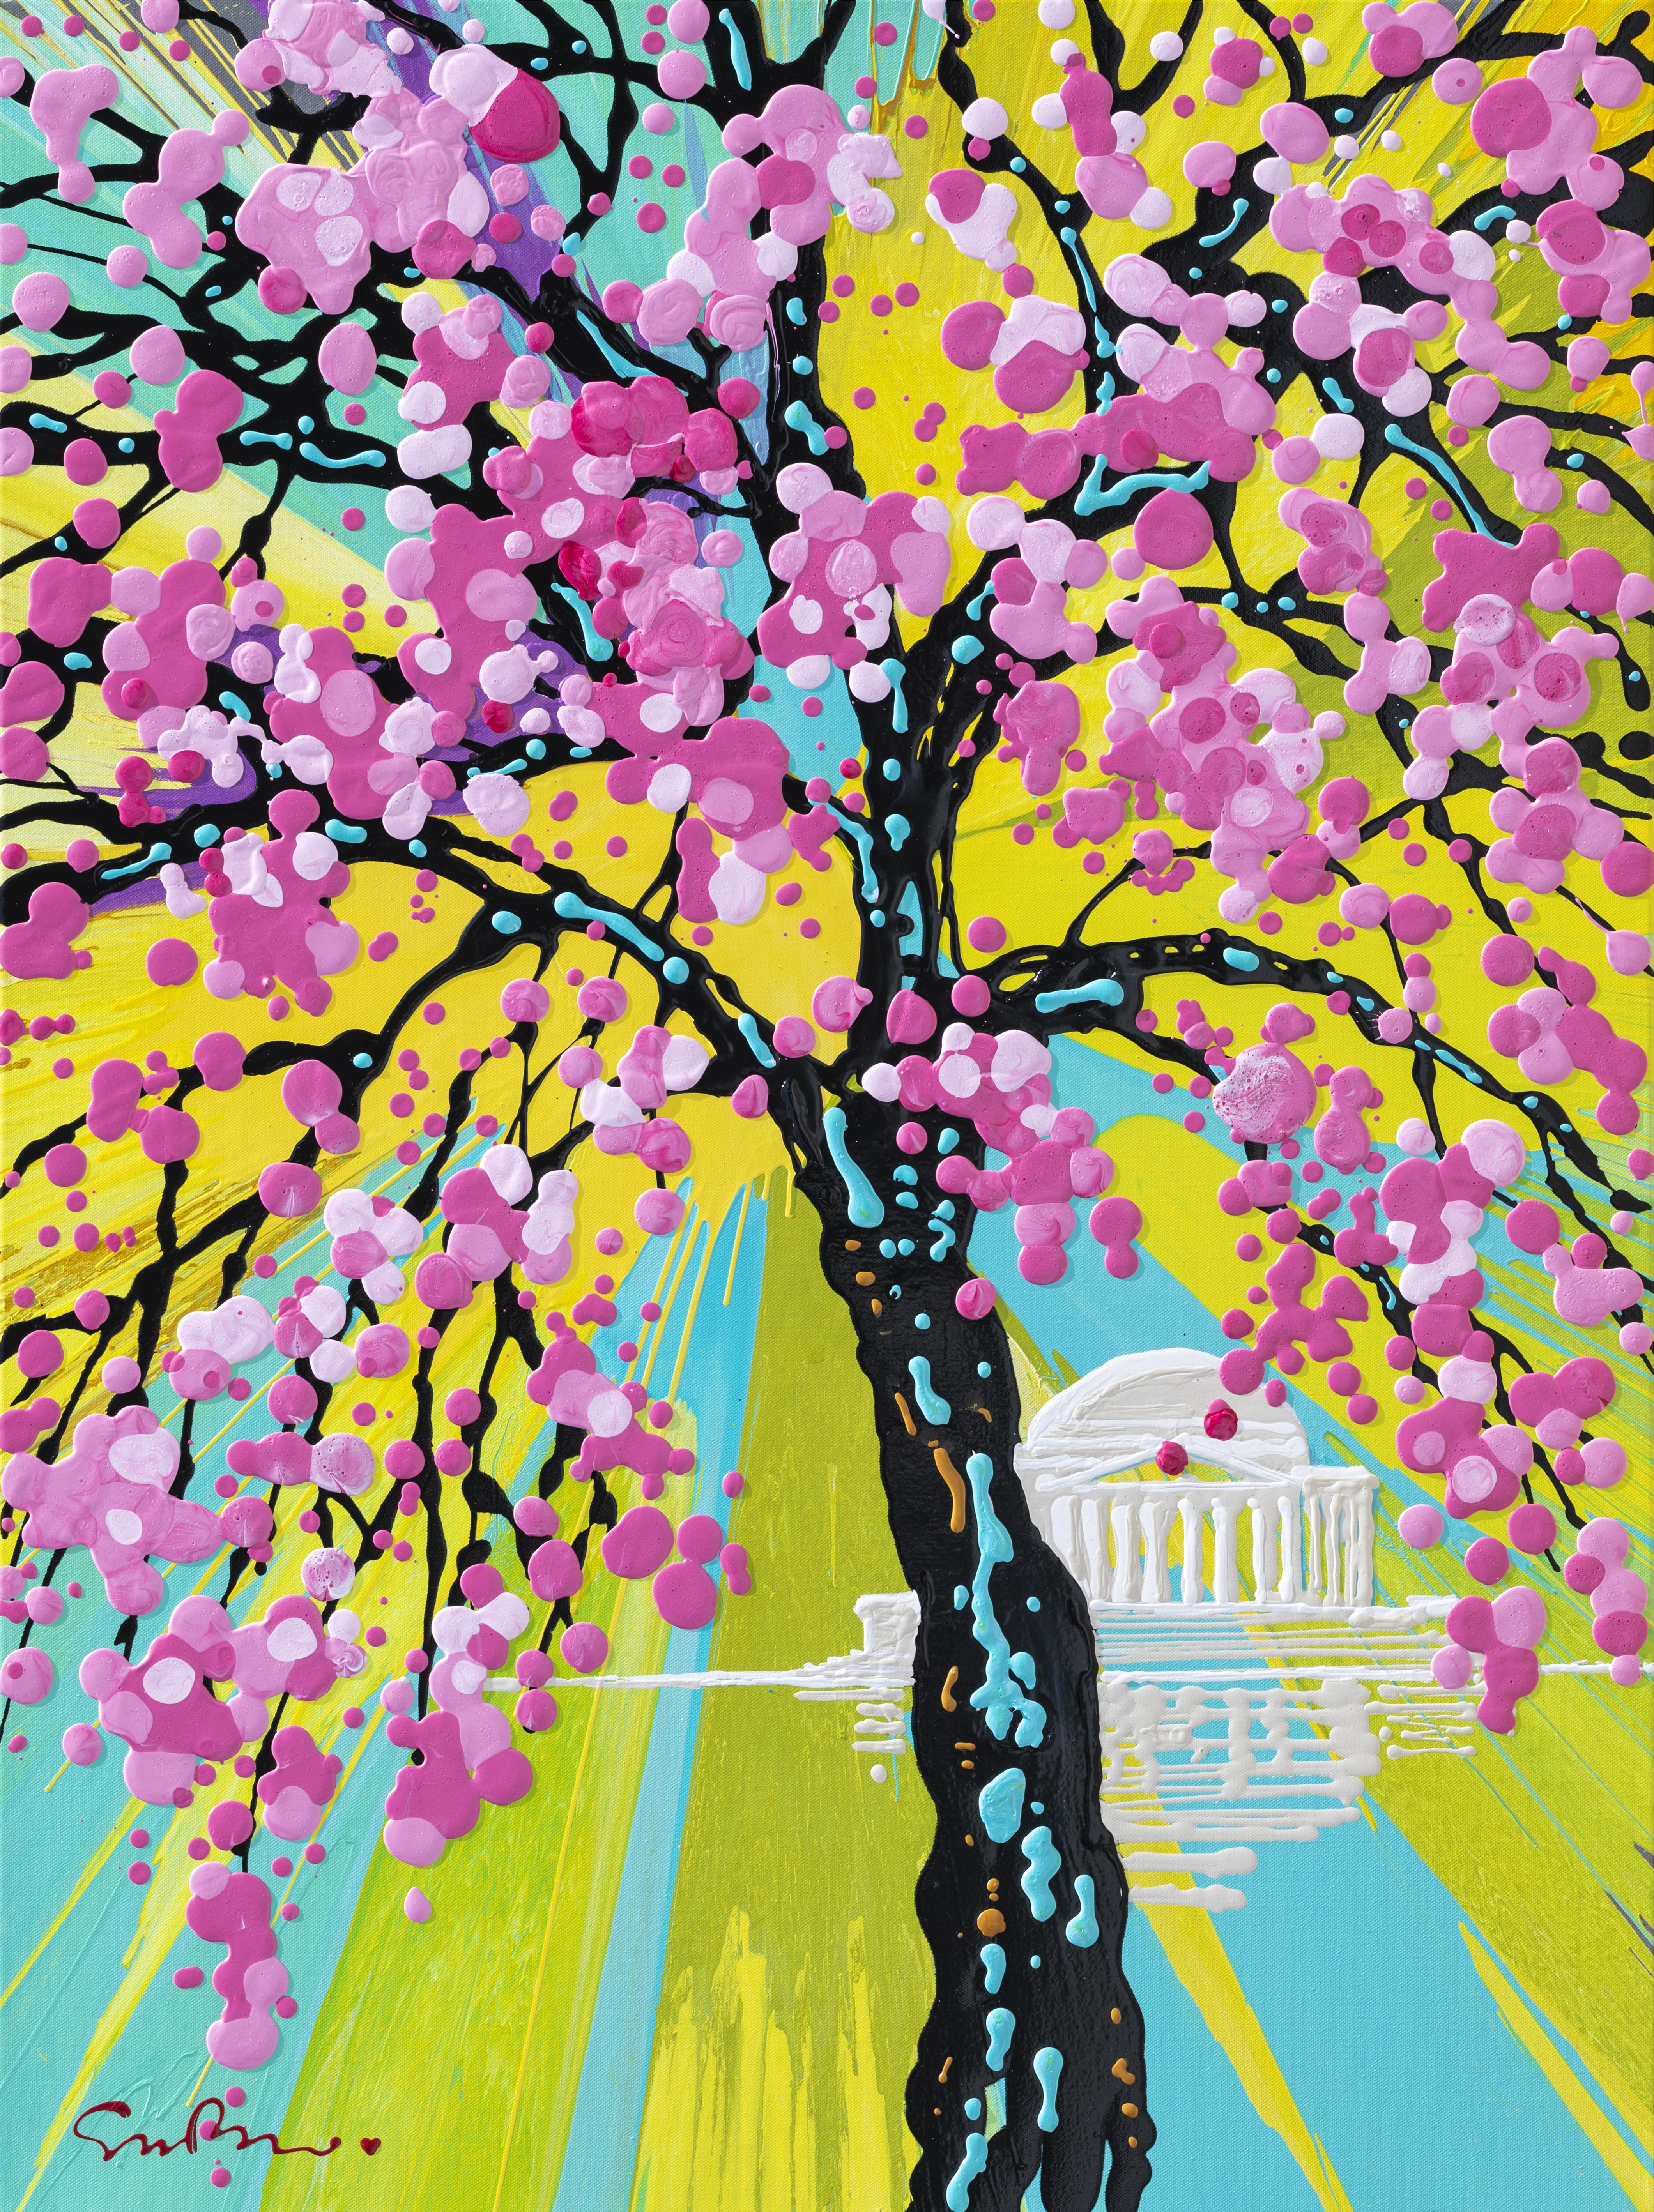 Simon Bull Named As Official Artist For 2019 Cherry Blossom Festival